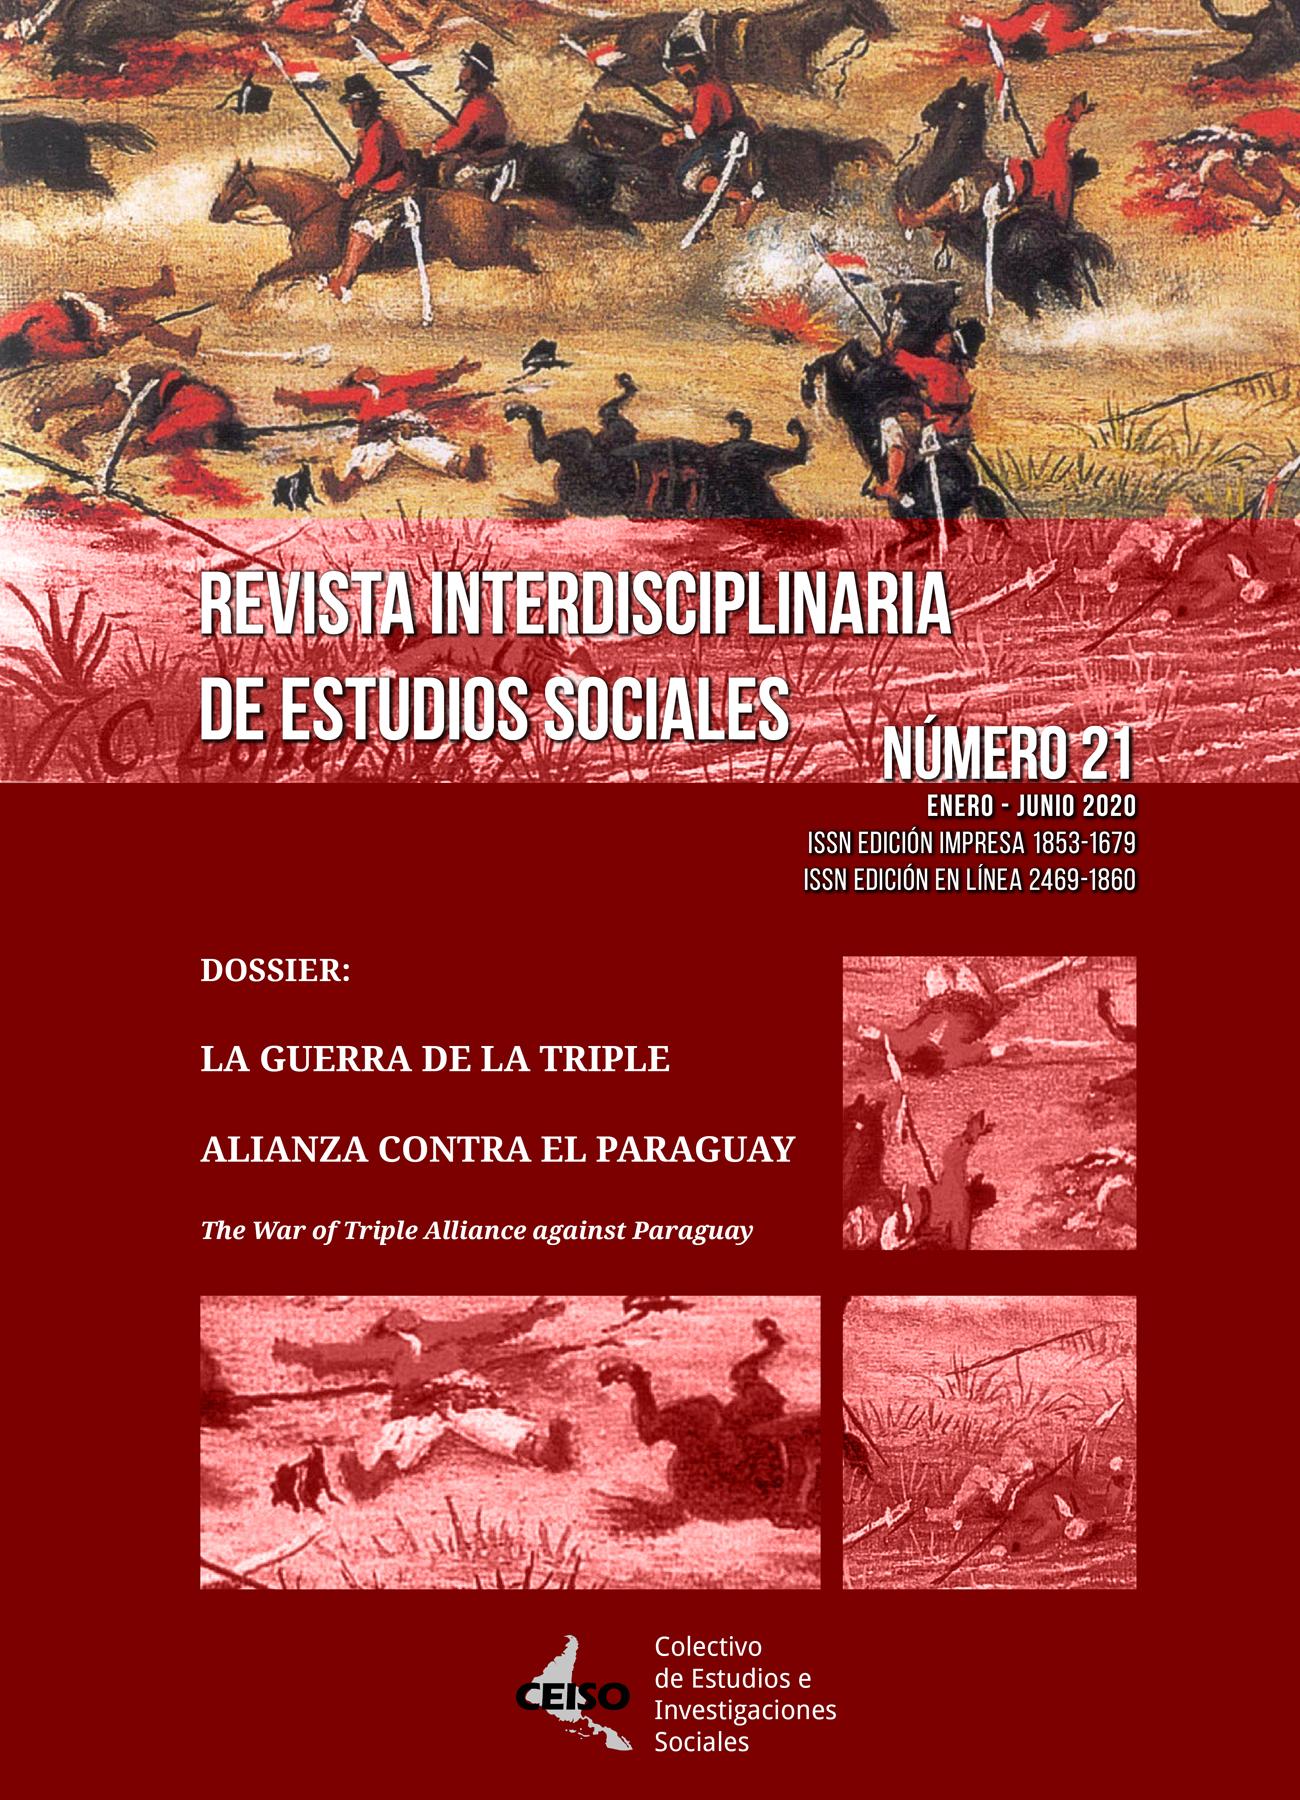 Nova edição e convocatória de trabalhos da Revista Interdisciplinar de Estudos Sociais